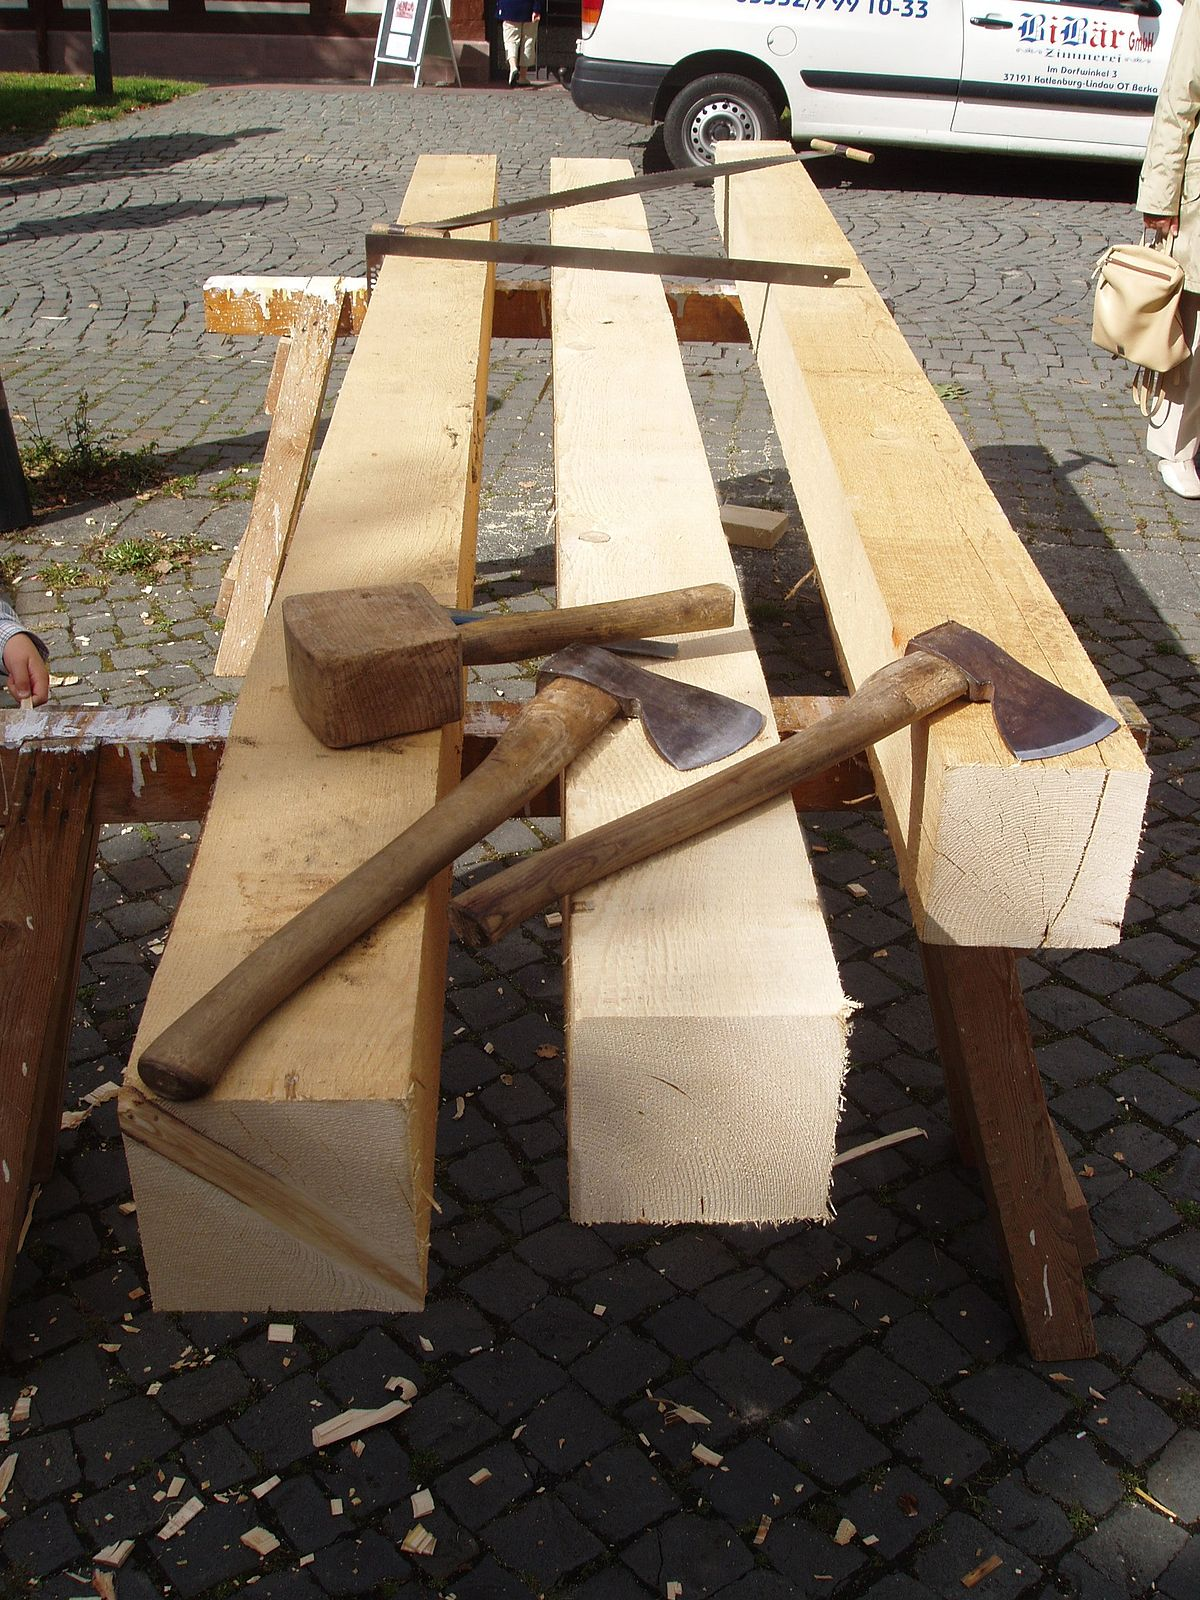 Legno strutturale wikipedia - Tavole di legno per edilizia ...